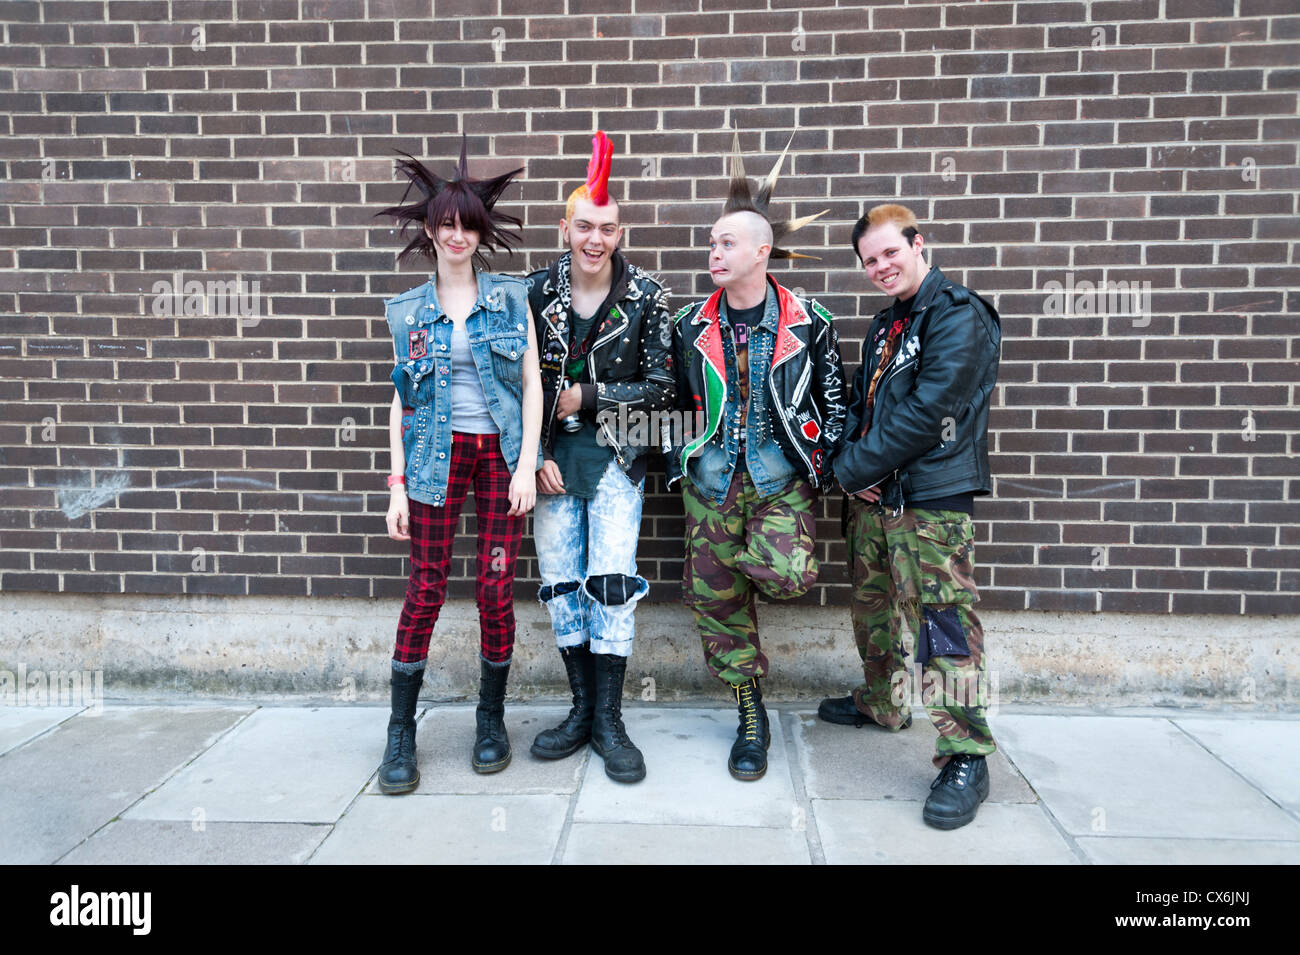 70 S Punk Rock Stock Photos 70 S Punk Rock Stock Images Alamy